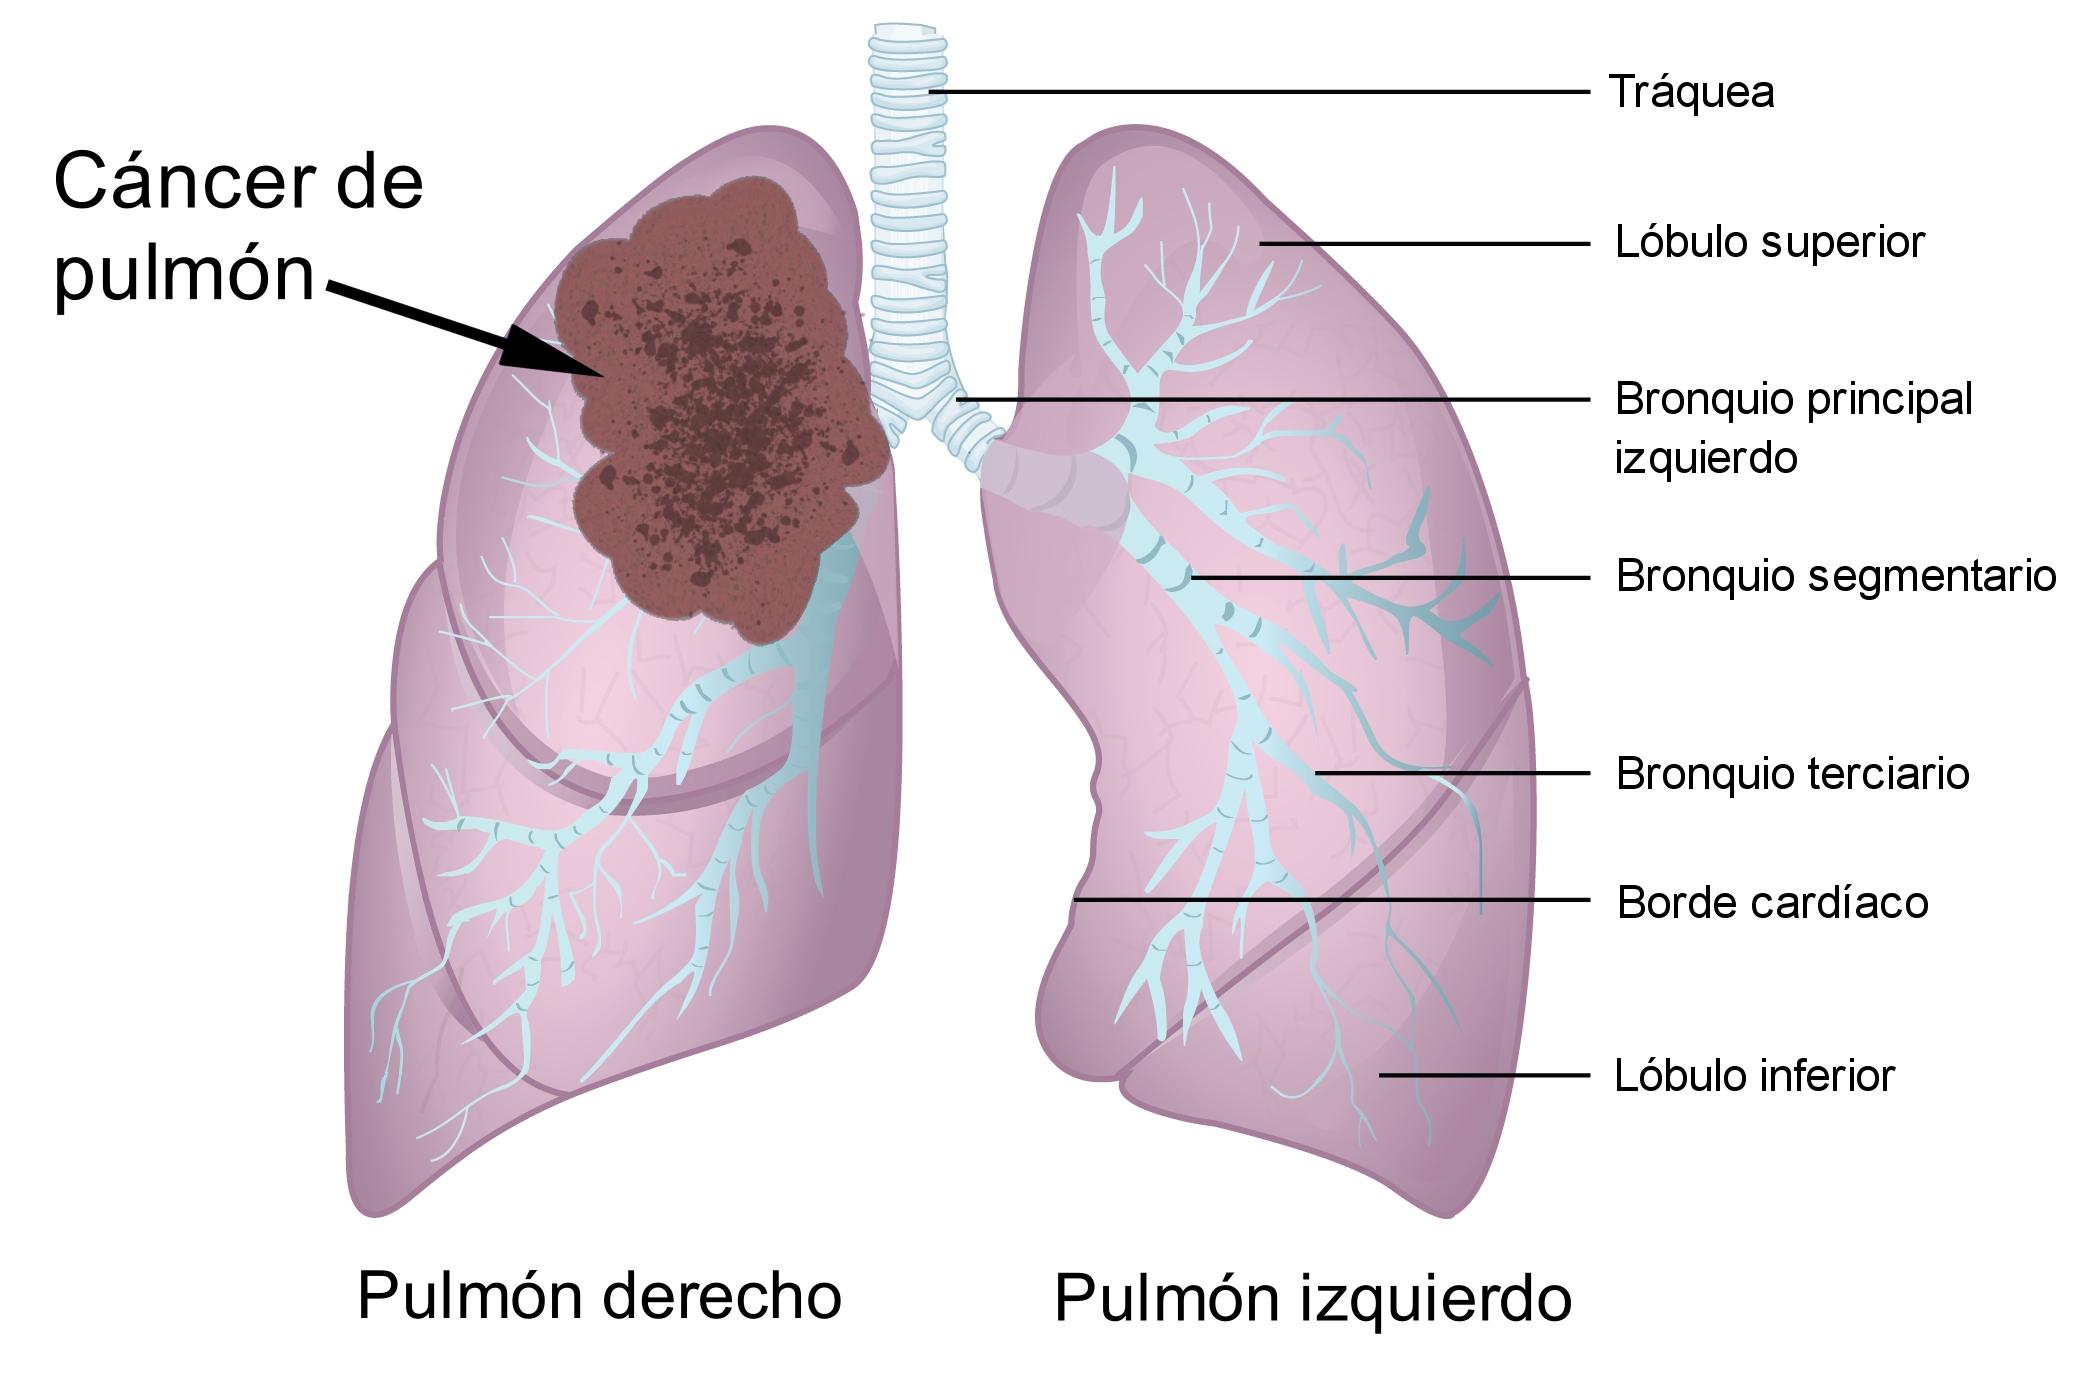 Cancer de prostata fase 2, Hpv lingua contagio